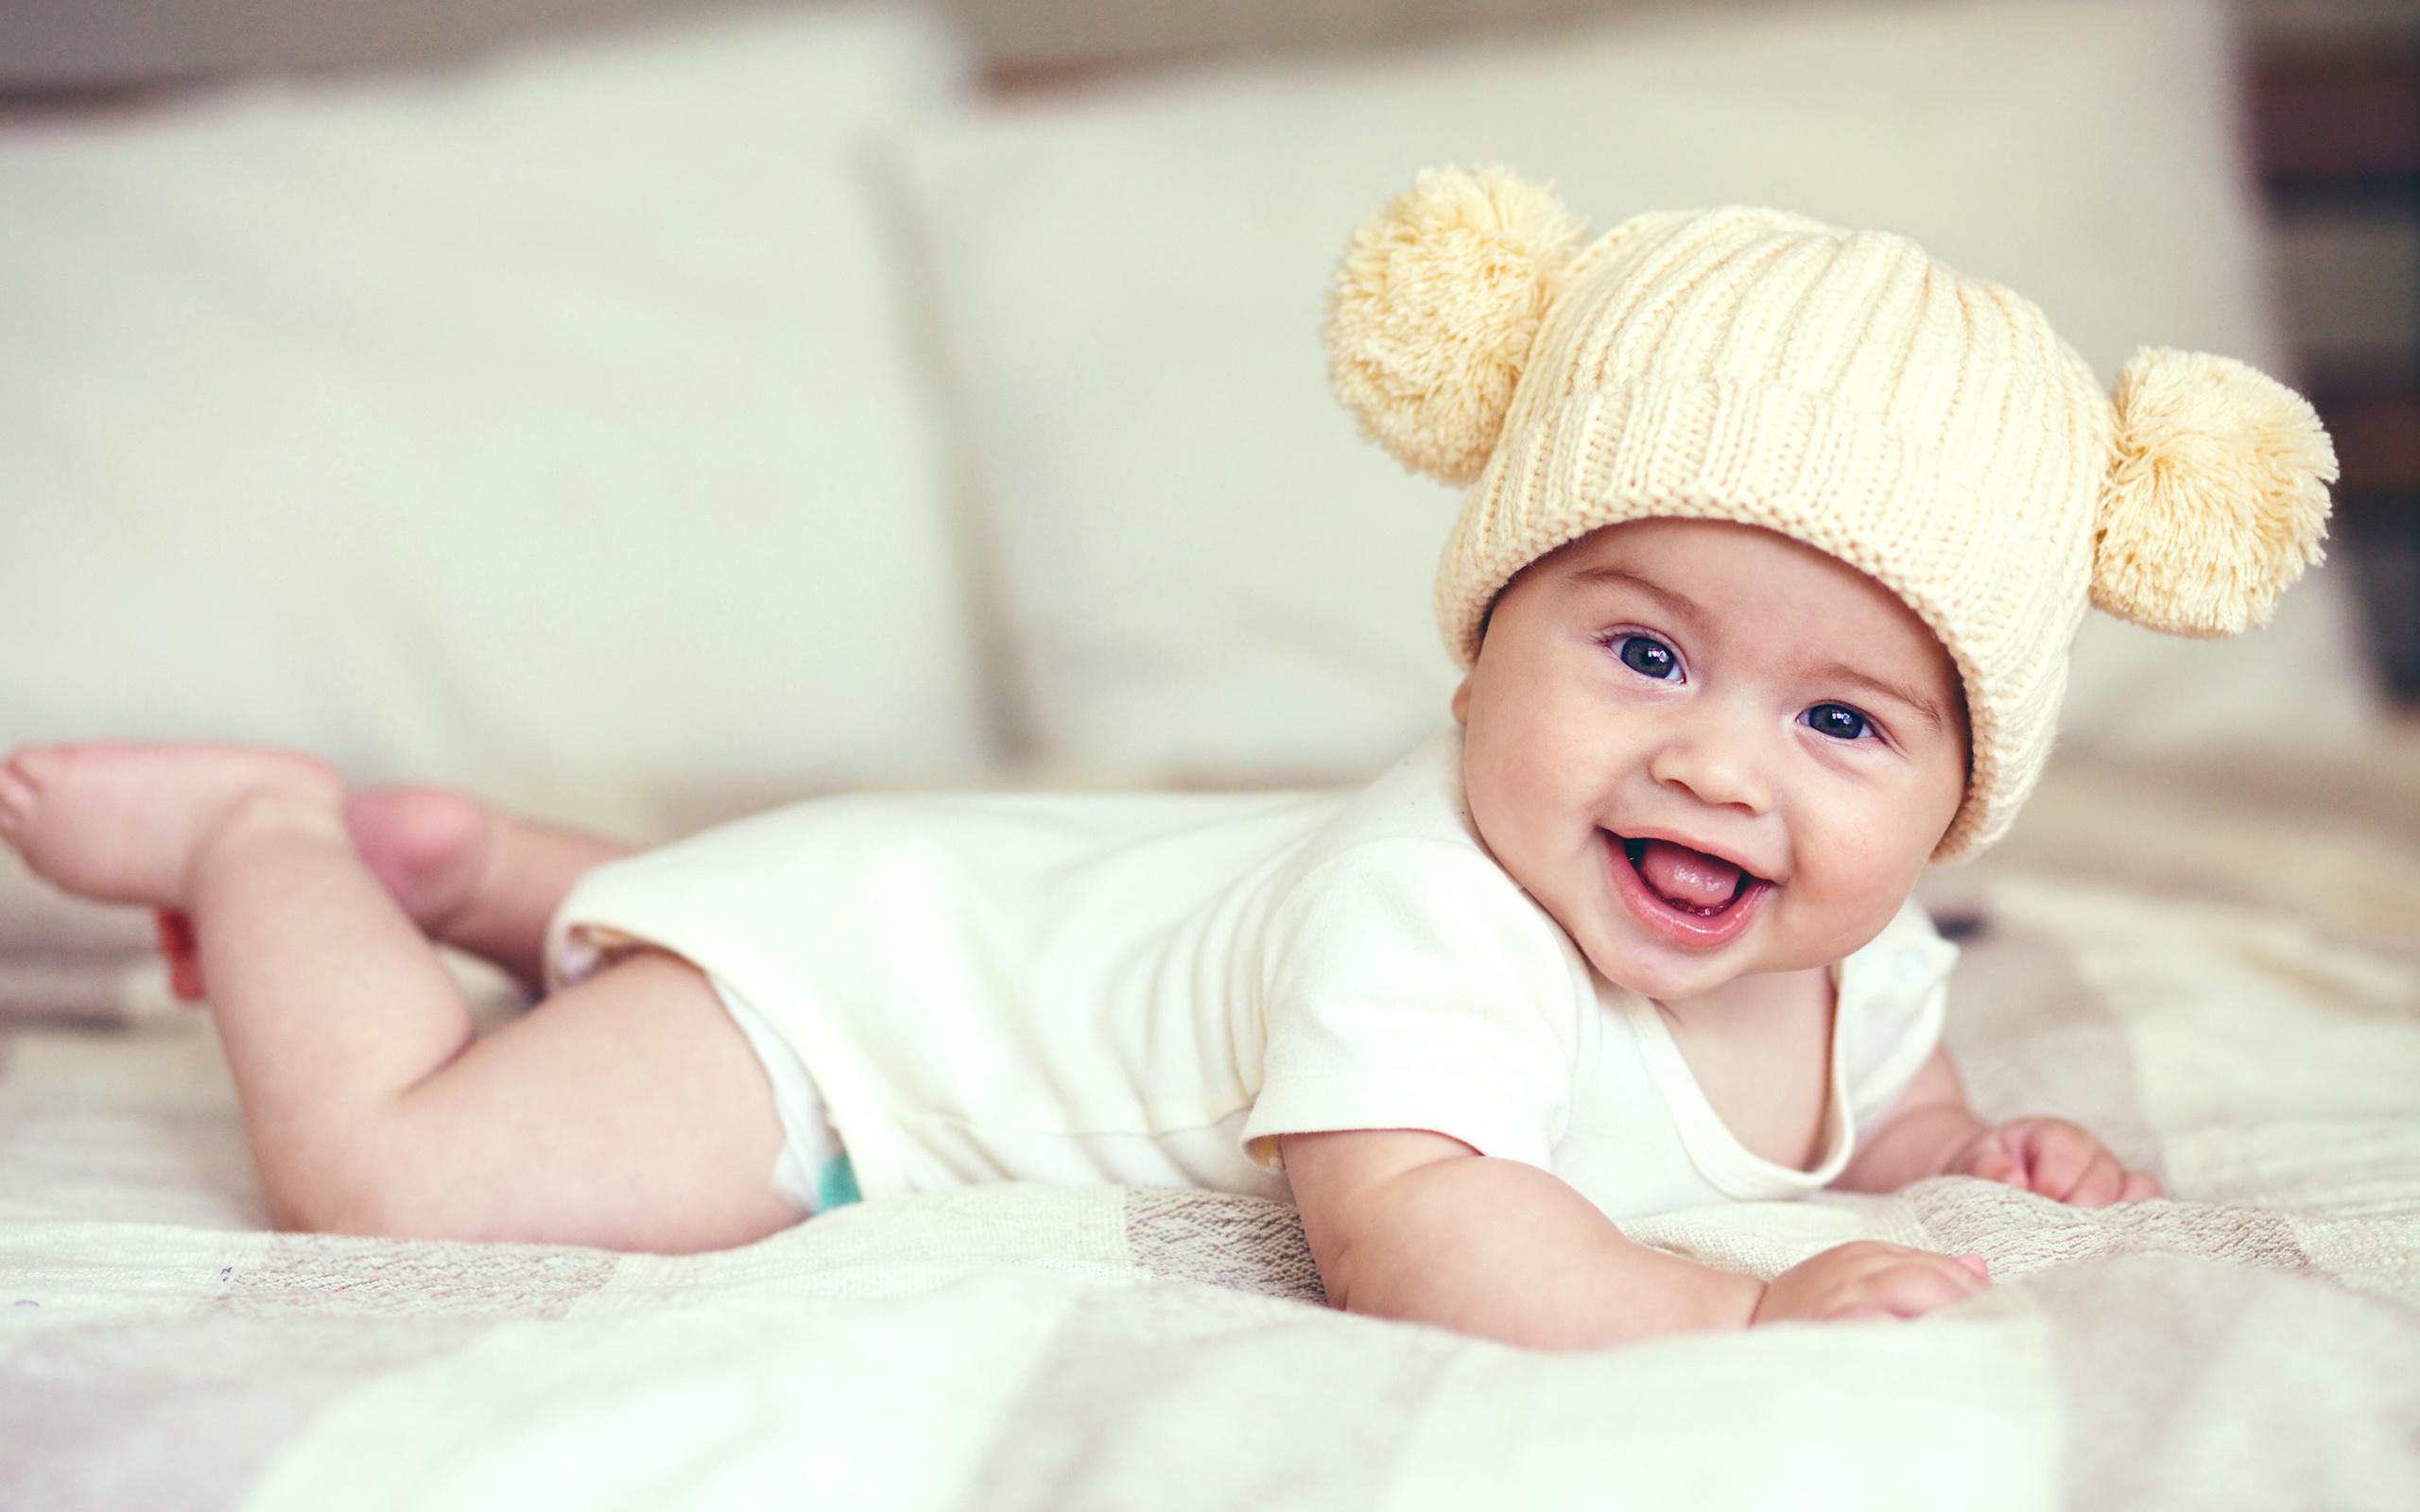 Картинки новорожденных и маленьких детей